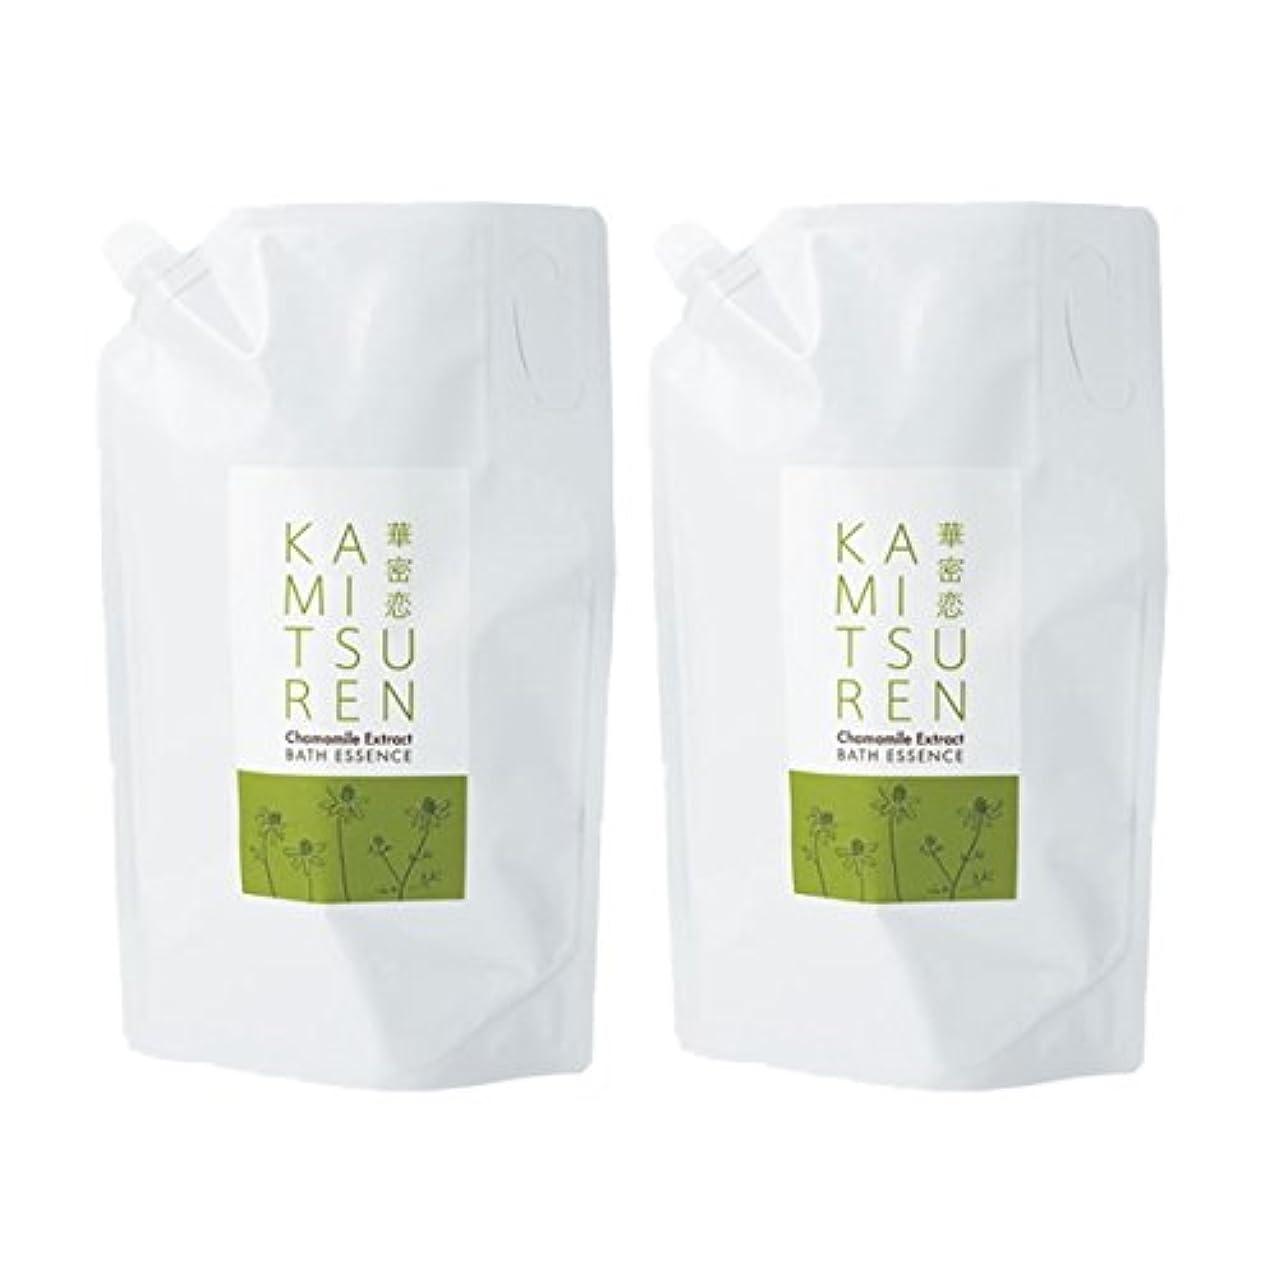 作物勘違いする技術華密恋 薬用入浴剤 特大 詰替え用 (新パッケージ) 1500mL(1.5L)×2袋セット